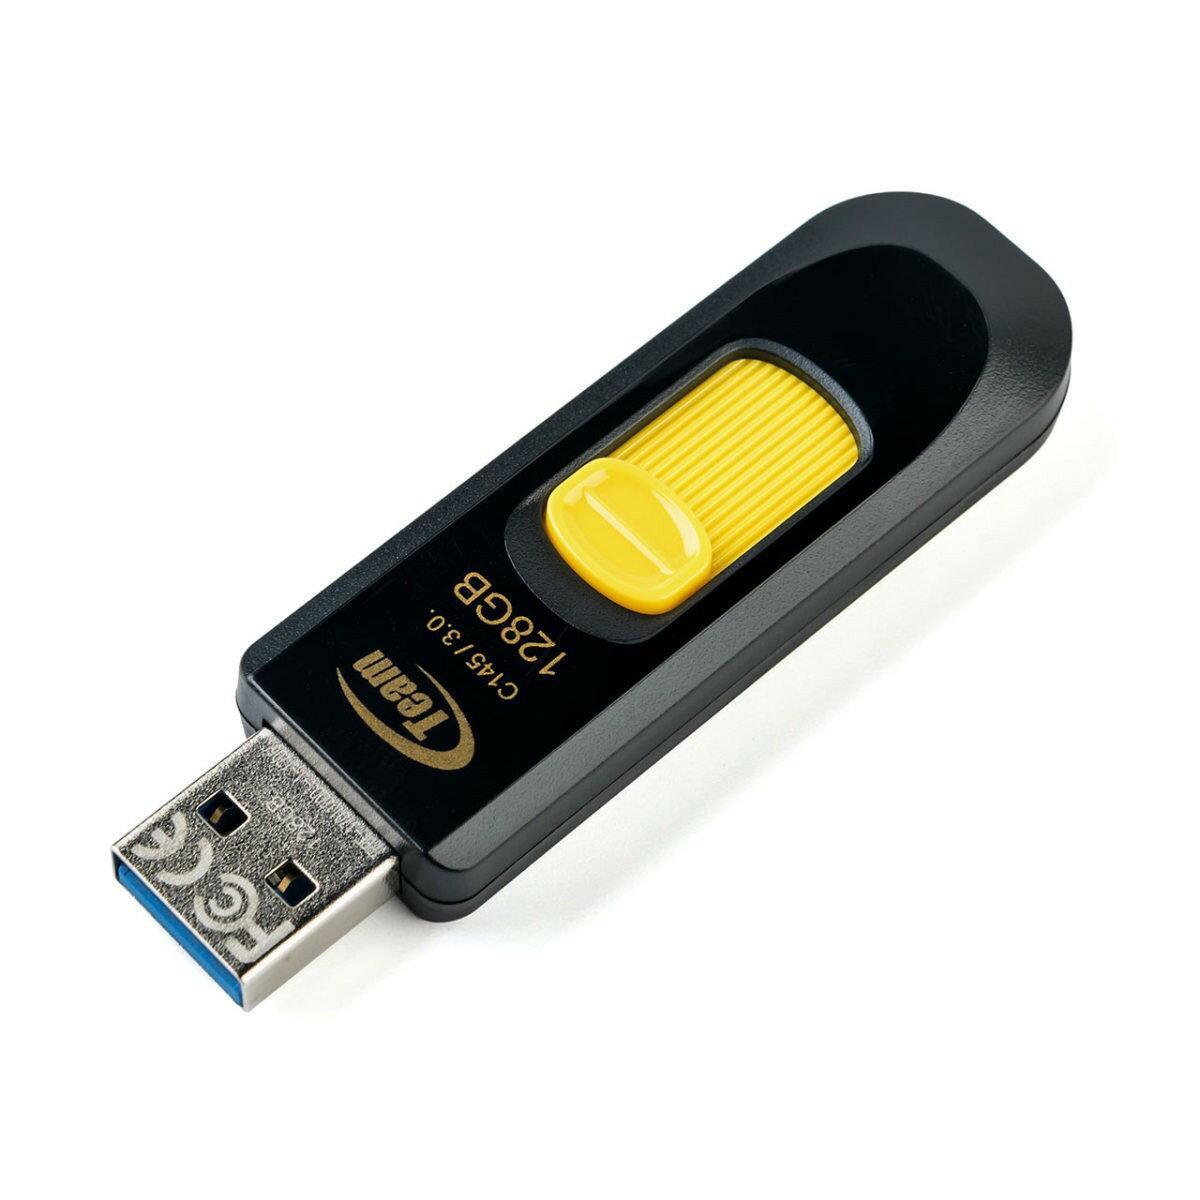 【ネコポス専用】USBメモリ 128GB USB3.0 スライド式 スライドタイプ USBメモリー 入学 卒業[600-3UL128G]【サンワダイレクト限定品】【送料無料】